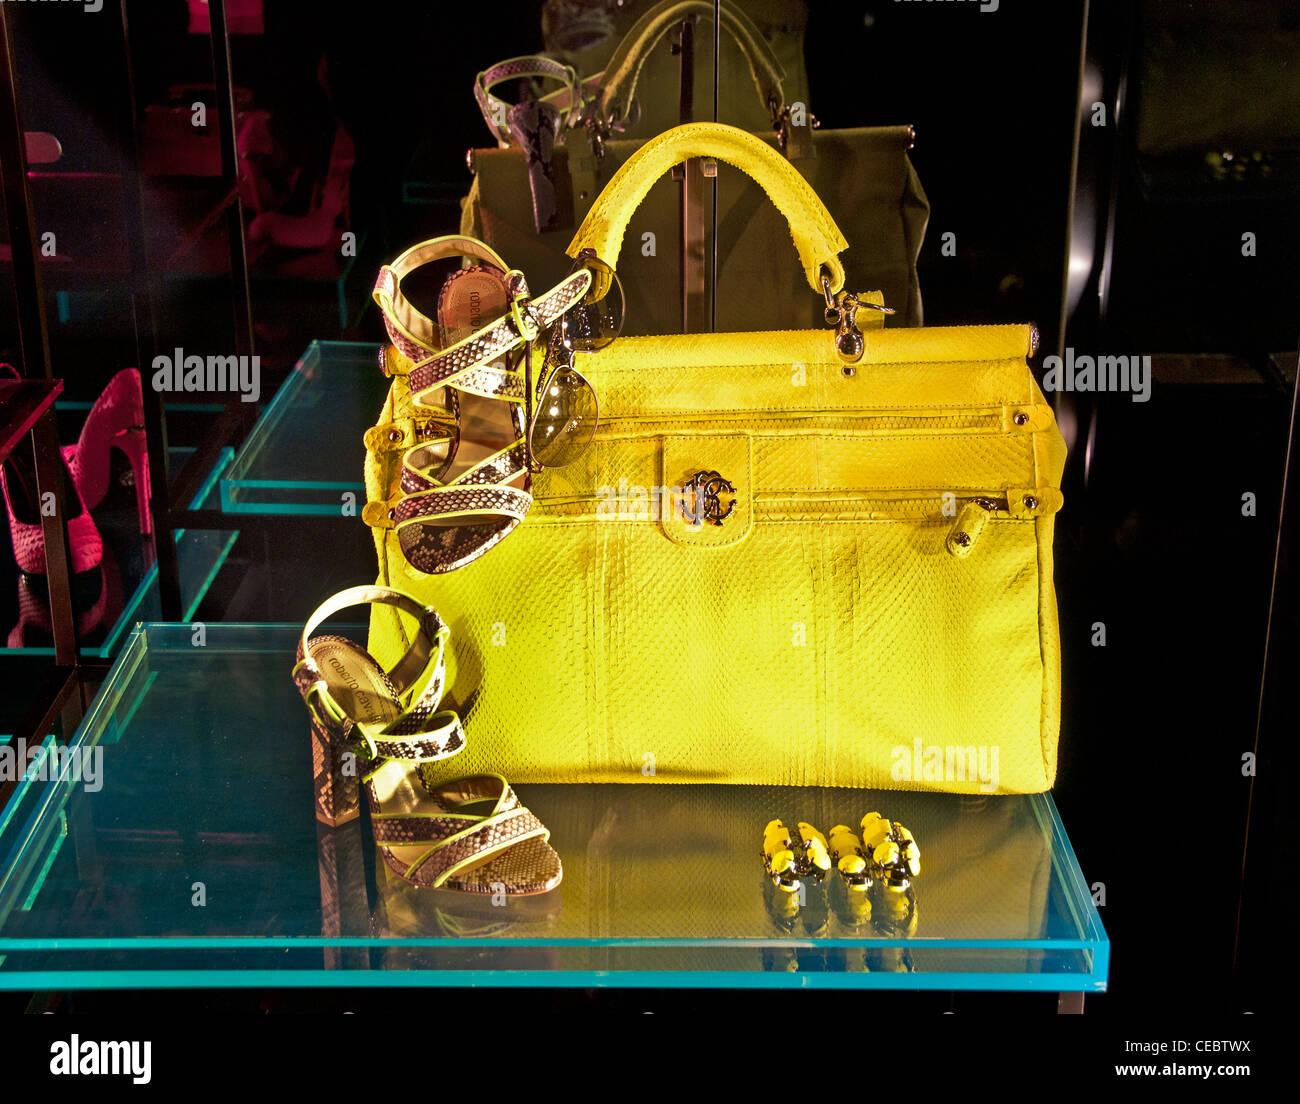 Roberto Cavalli Bag Shoe Paris France fashion designer couturier Rue Faubourg Saint Honoré Stock Photo